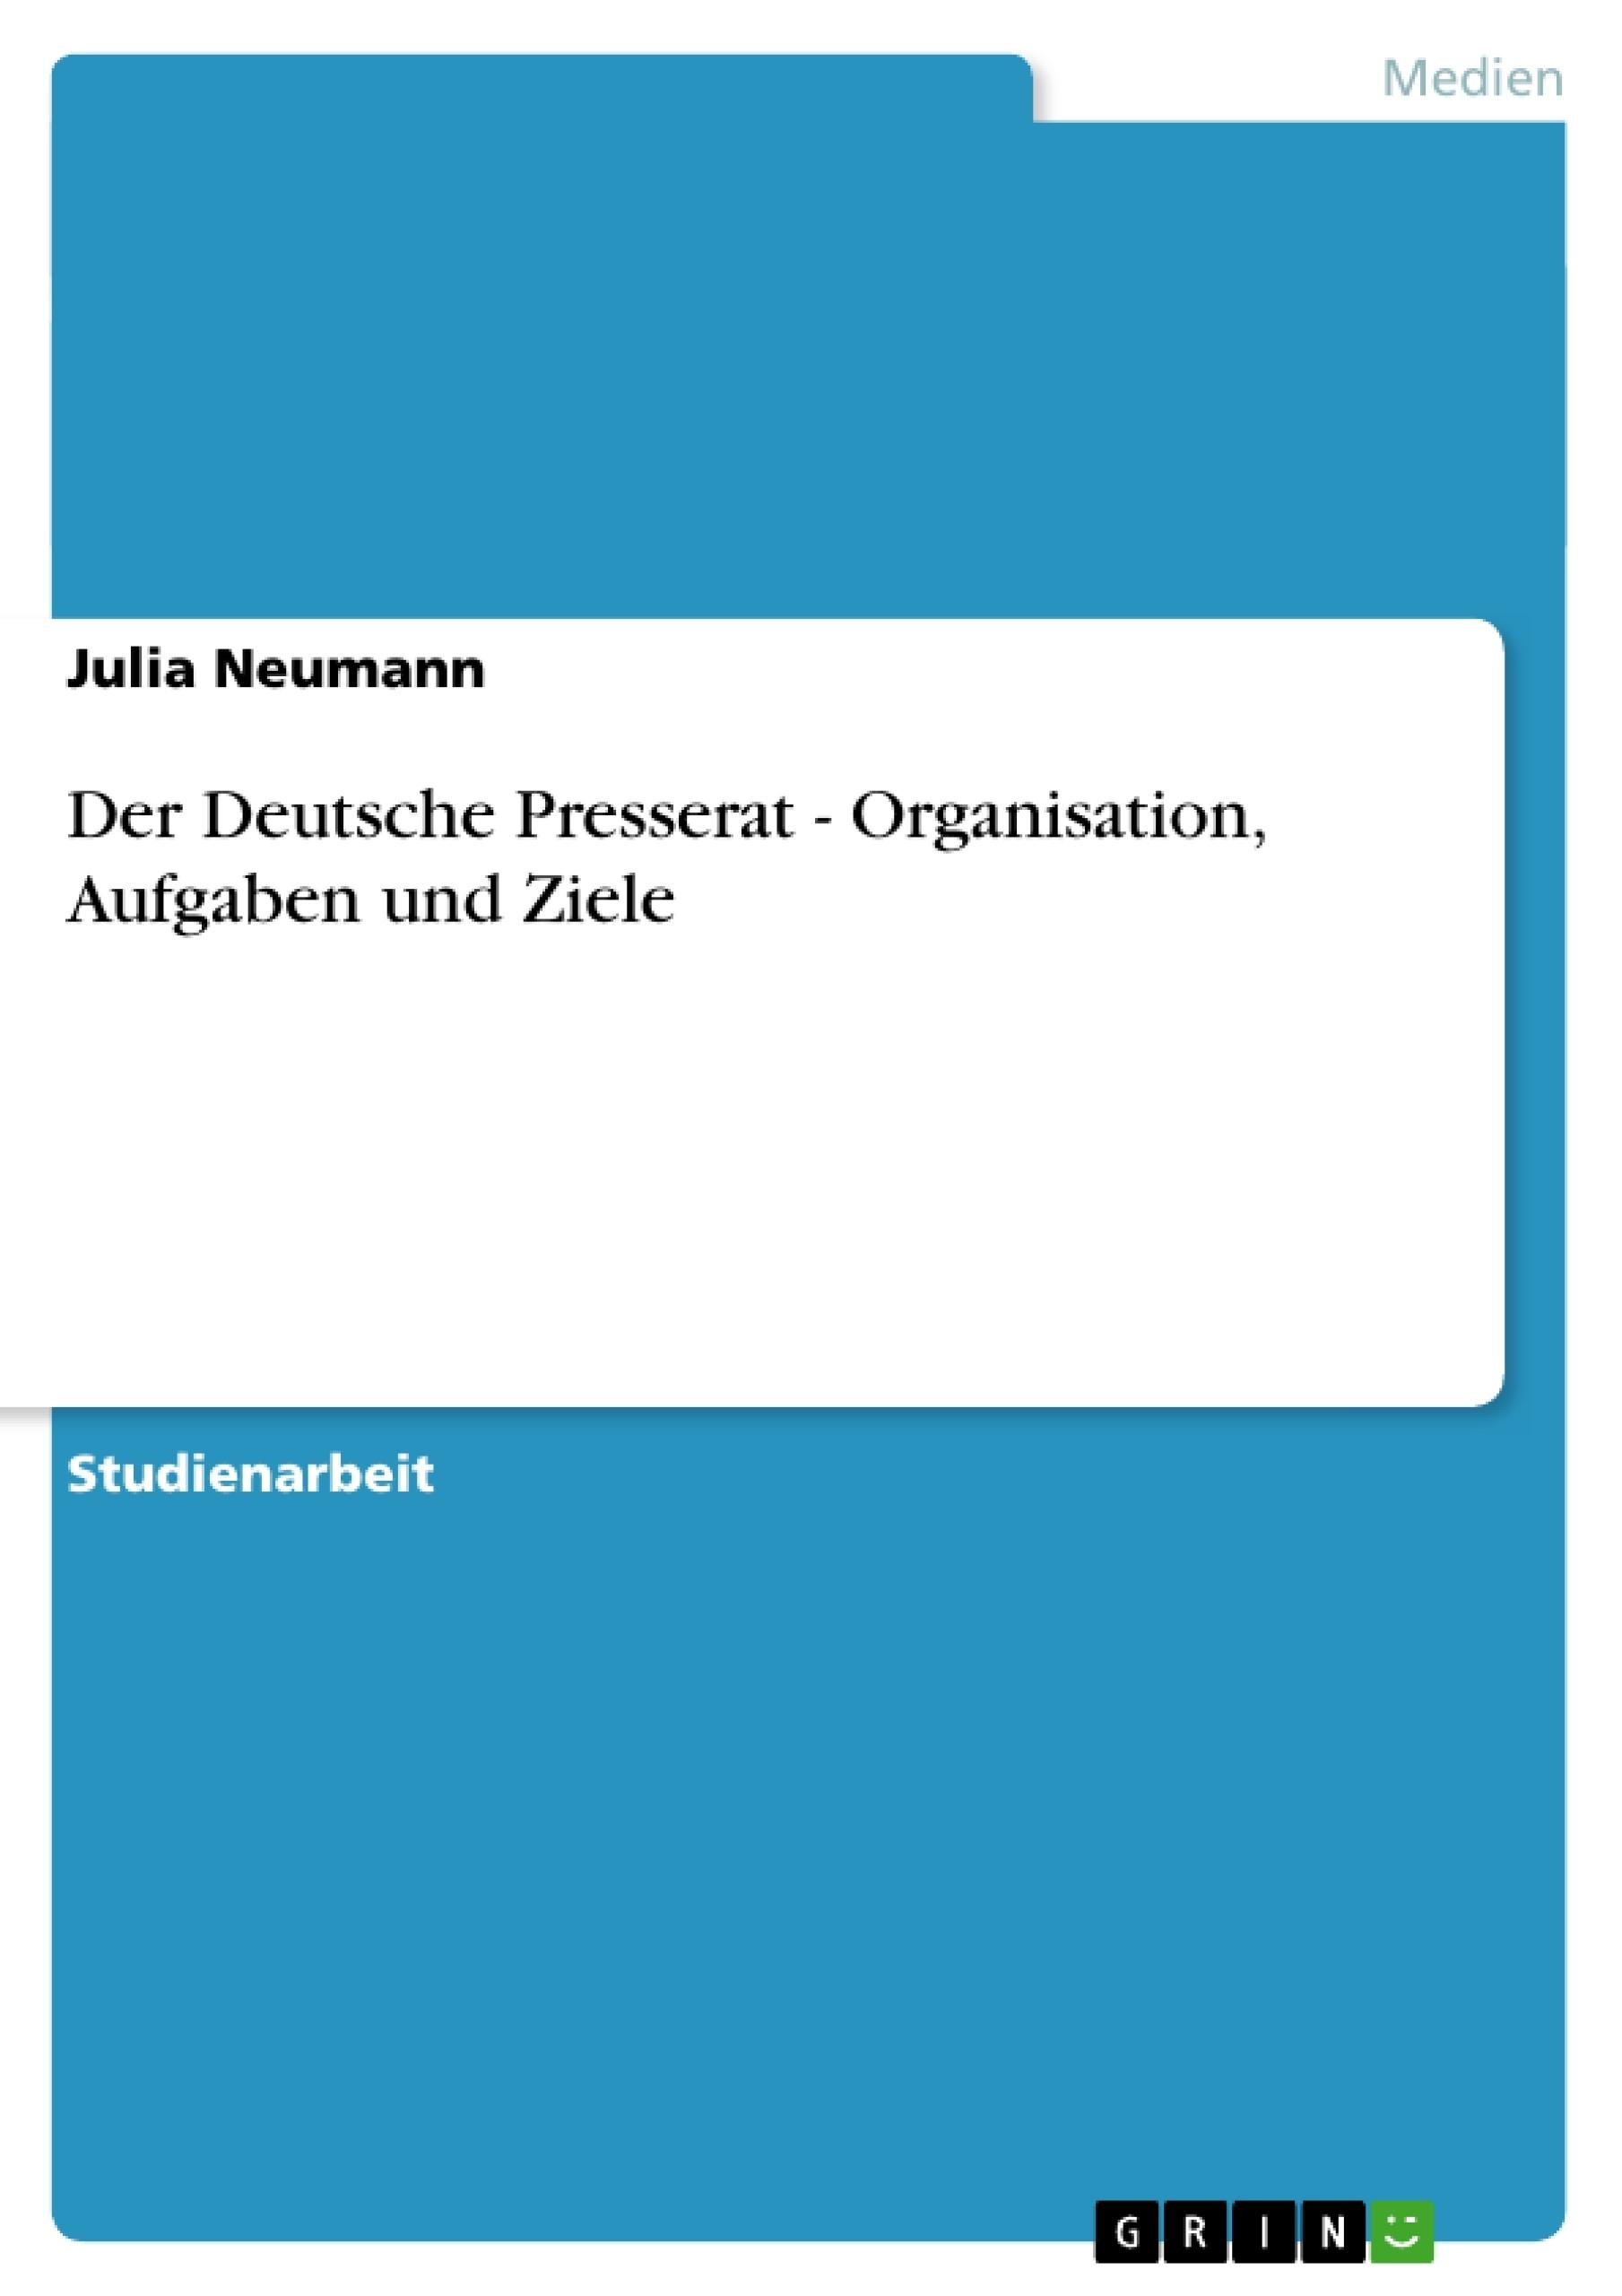 Titel: Der Deutsche Presserat - Organisation, Aufgaben und Ziele